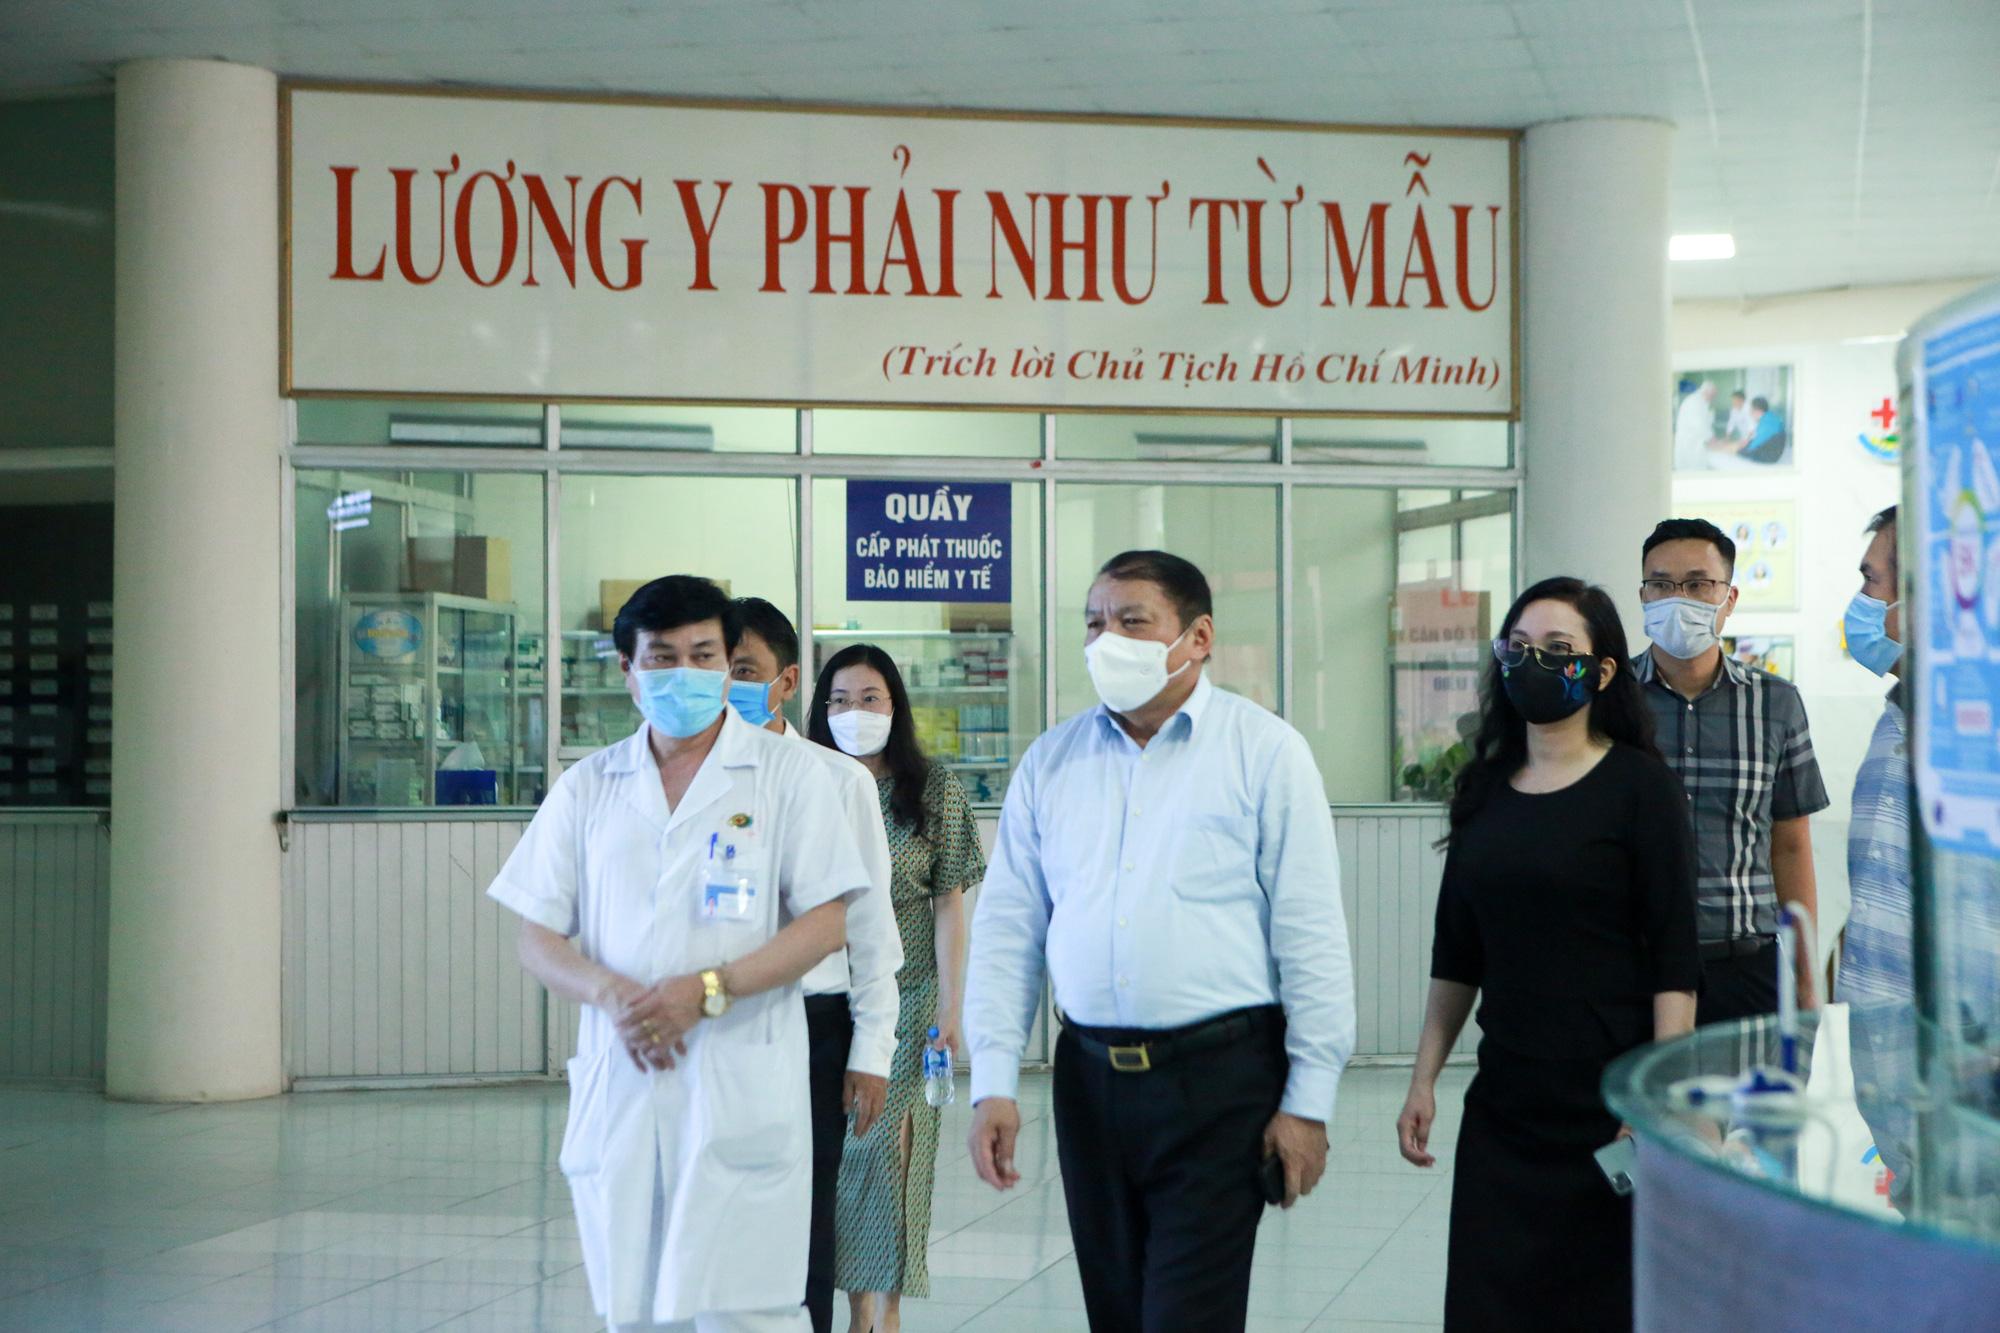 Bệnh viên Thể thao Việt Nam xuất quân tăng cường lực lượng vào miền Nam chống dịch - Ảnh 2.